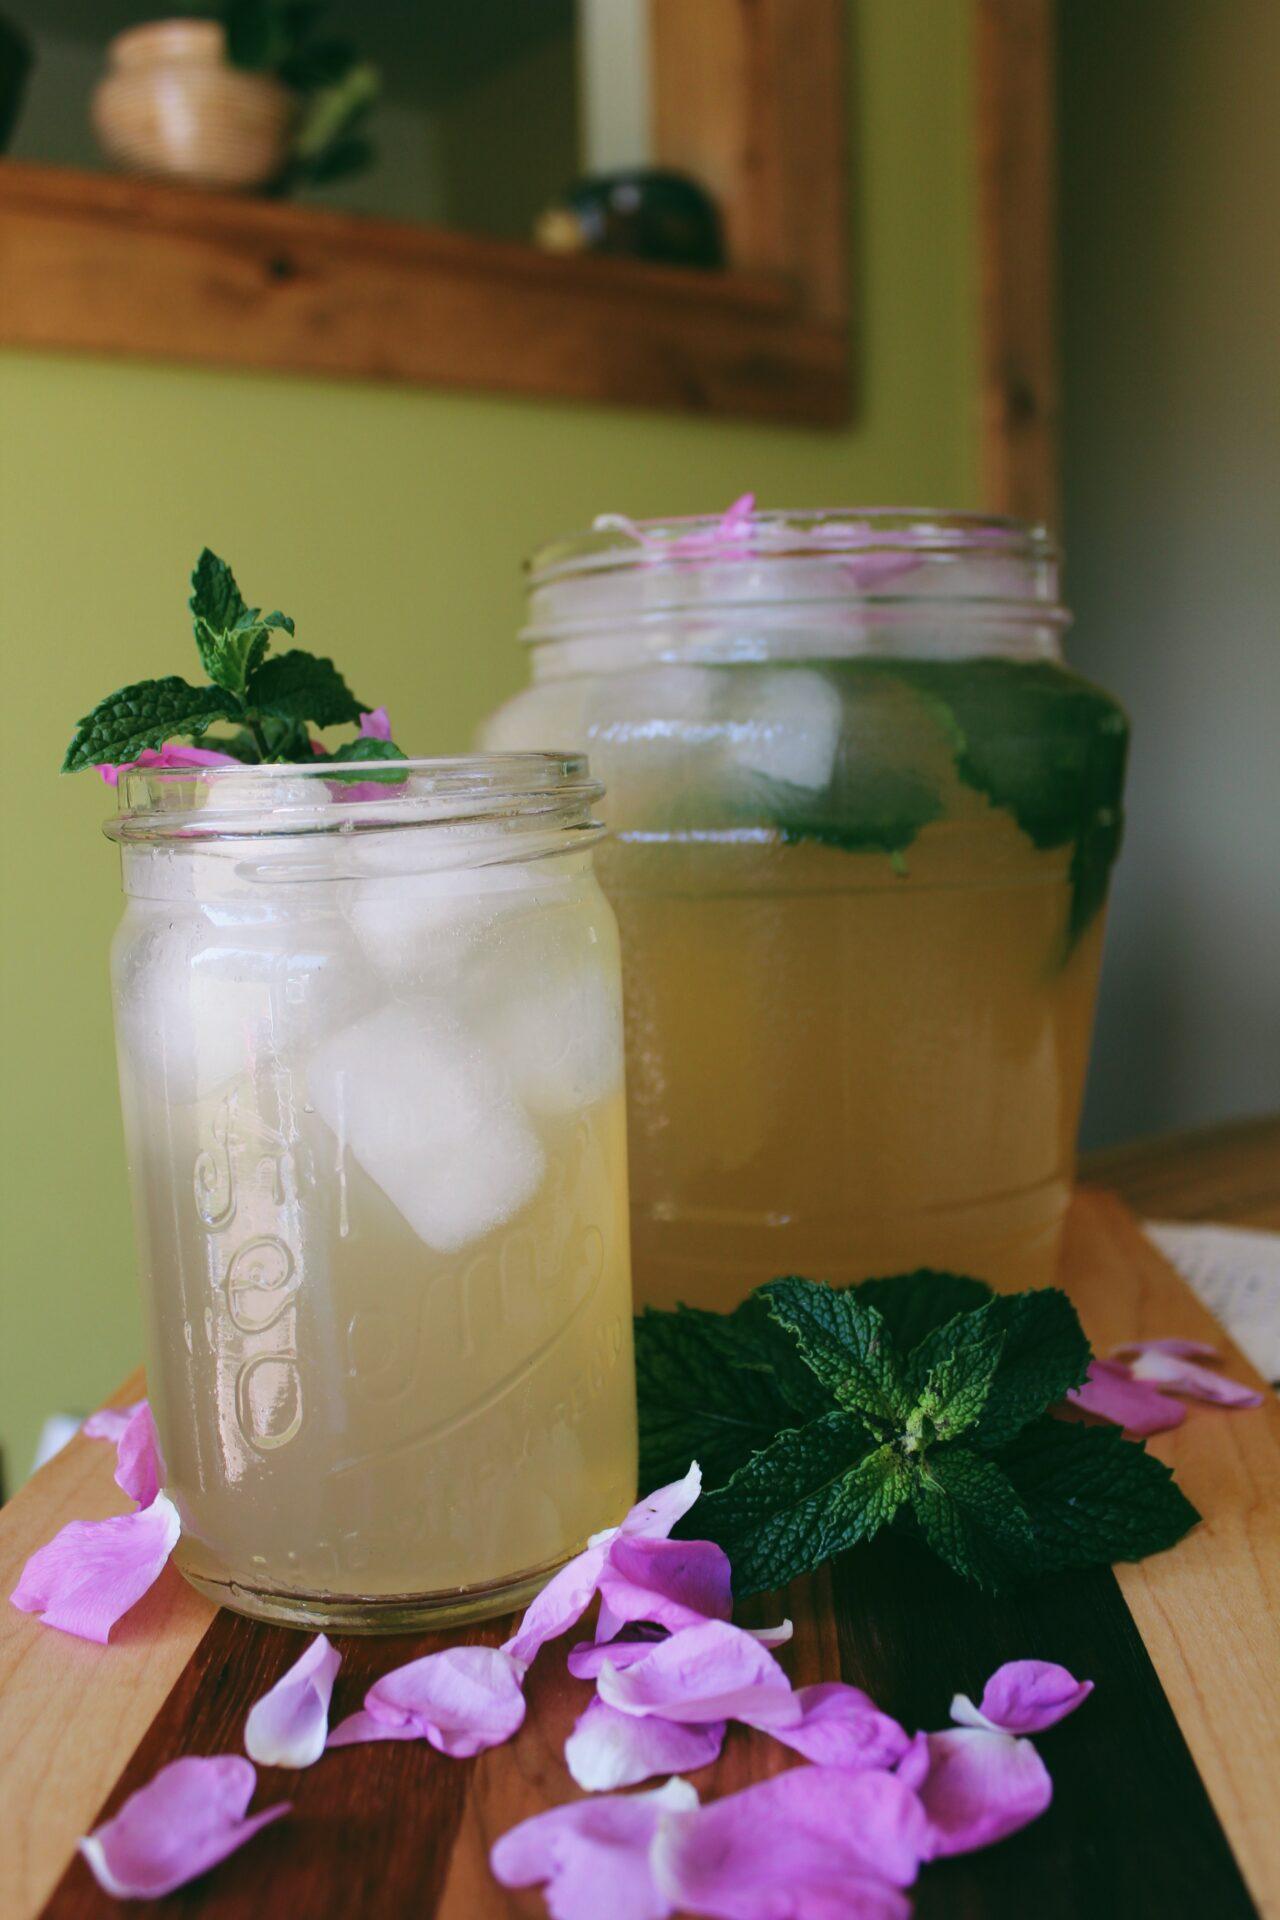 Rose Petal Iced Tea. Credit: Raeanne O'Meara.